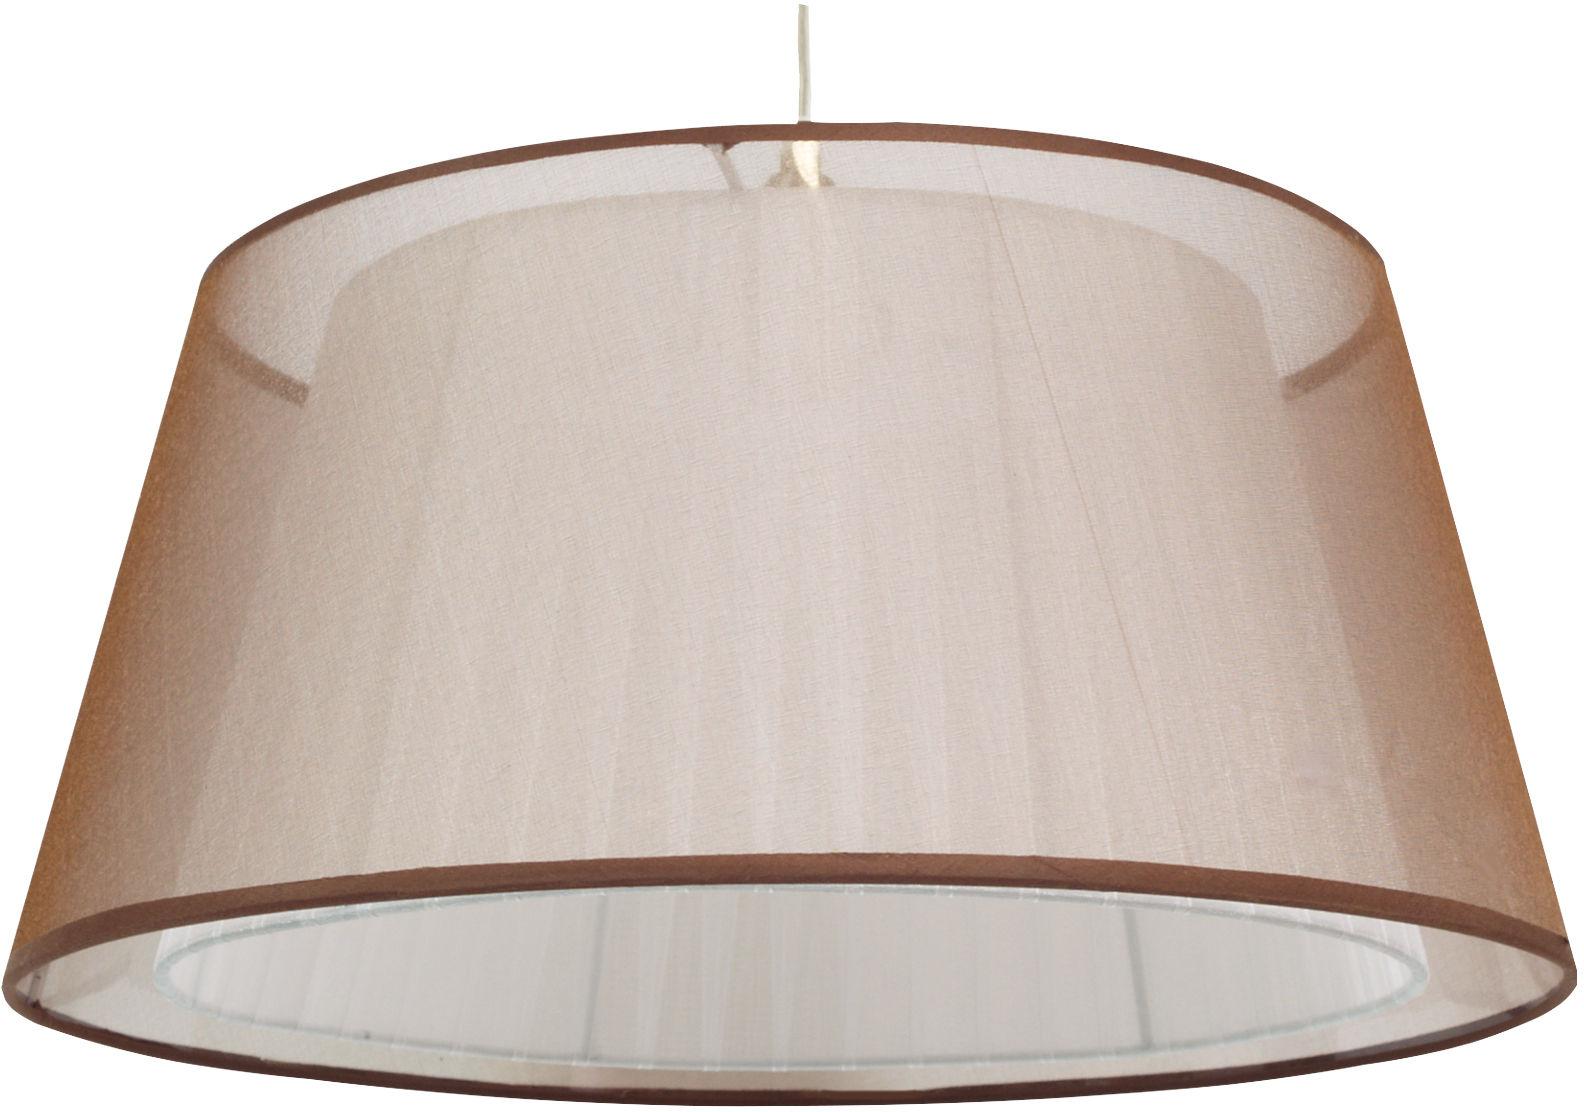 Candellux CHARLIE 31-24794 lampa wisząca abażur tasiemkowy brązowy 1X60W E27 45cm